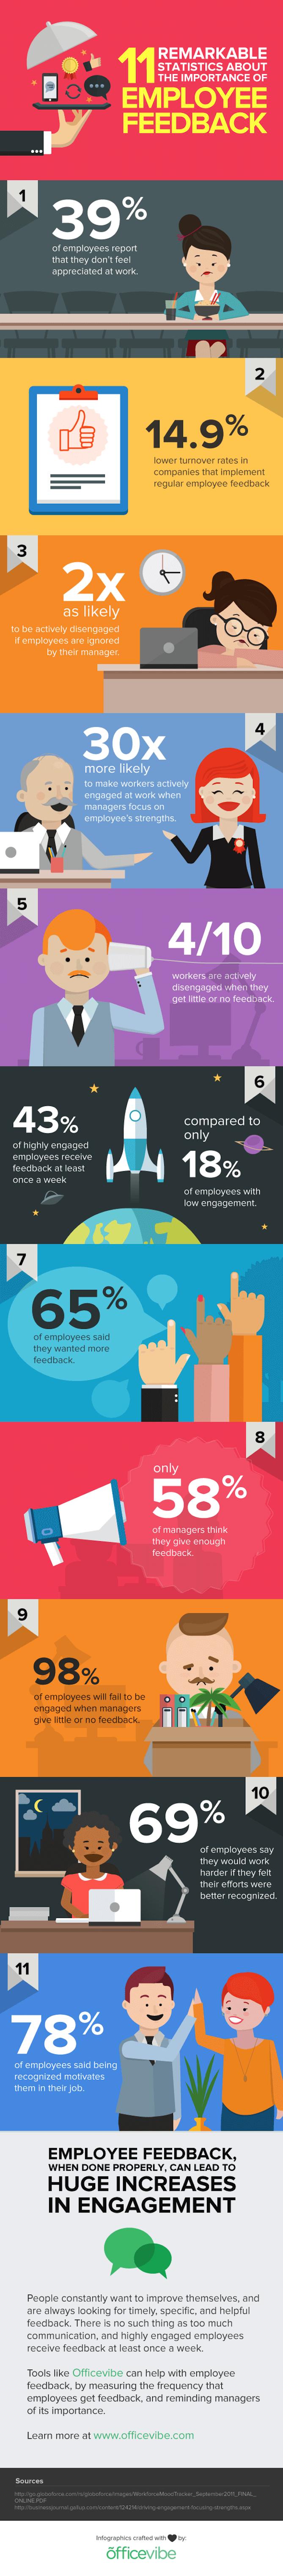 employee-feedback-infographic-1.png